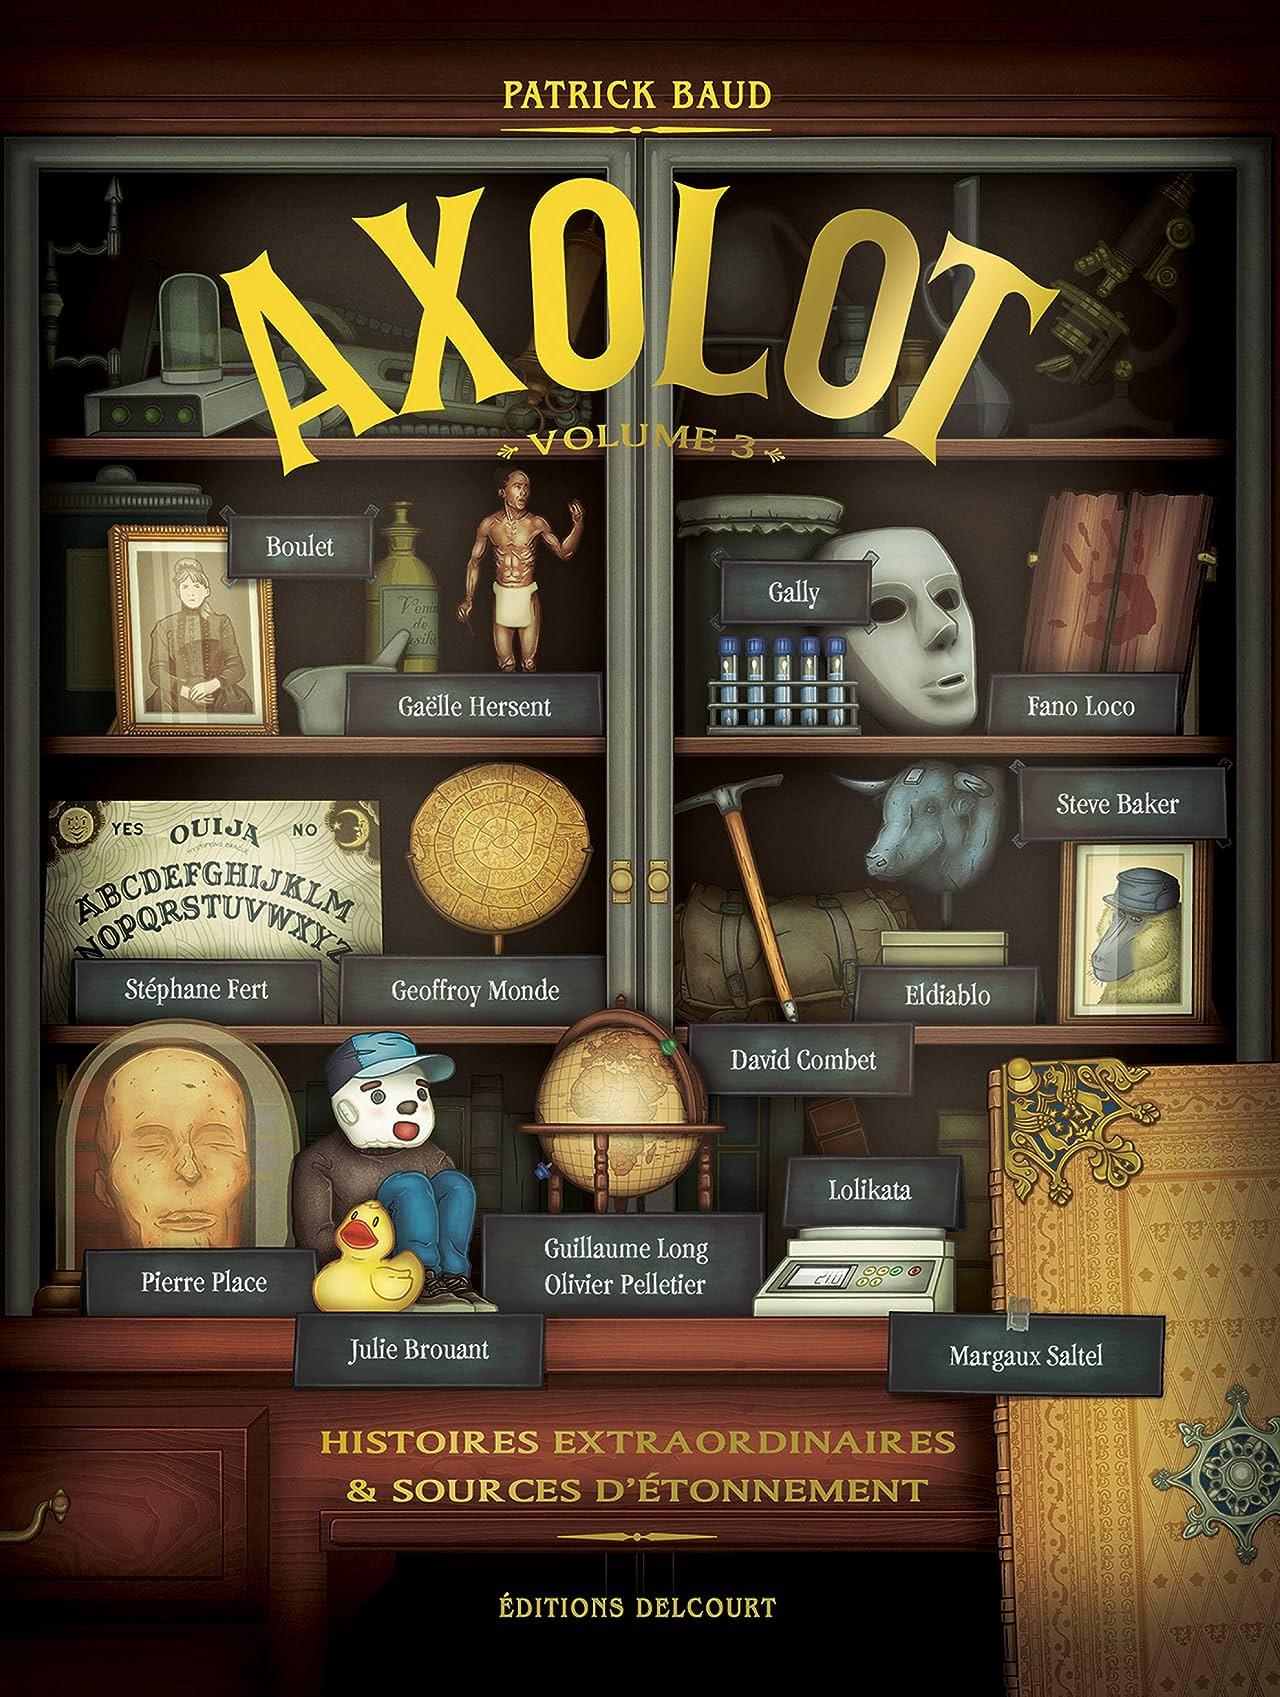 Axolot Vol. 3